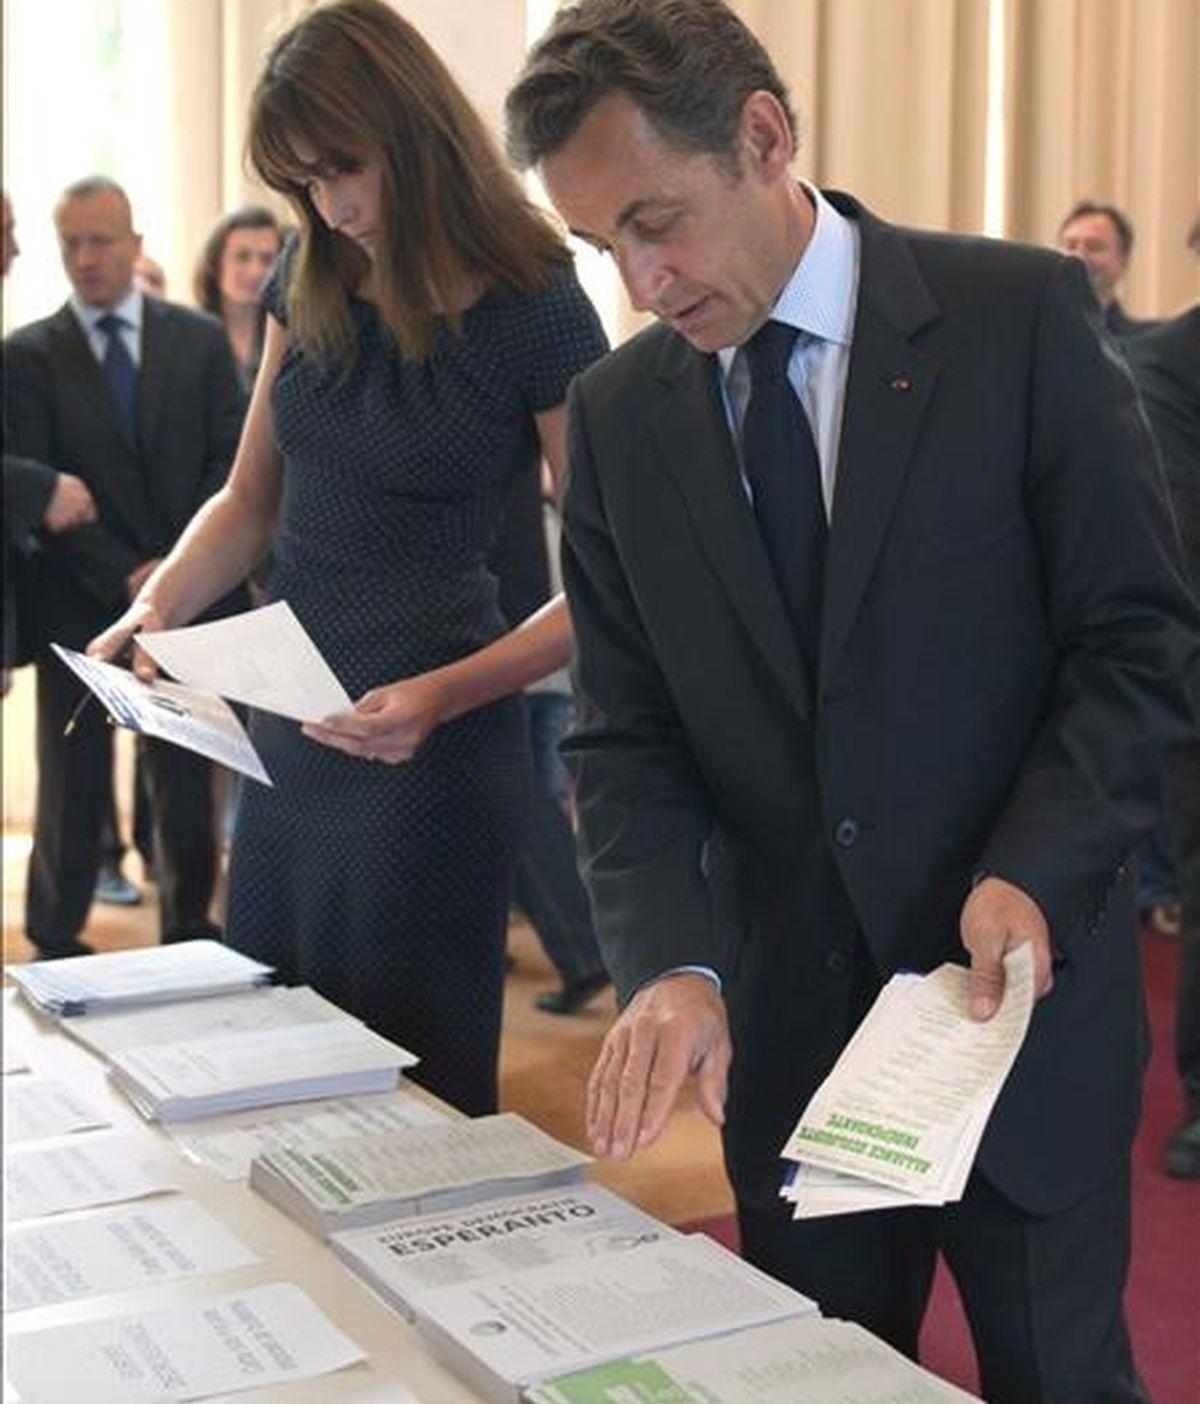 El presidente francés, Nicolas Sarkozy (d), y su esposa, Carla Bruni-Sarkozy, seleccionan unas cuantas papeletas antes de votar en un colegio electoral de París, Francia, ayer domingo,  7 de junio, durante las elecciones europeas. EFE